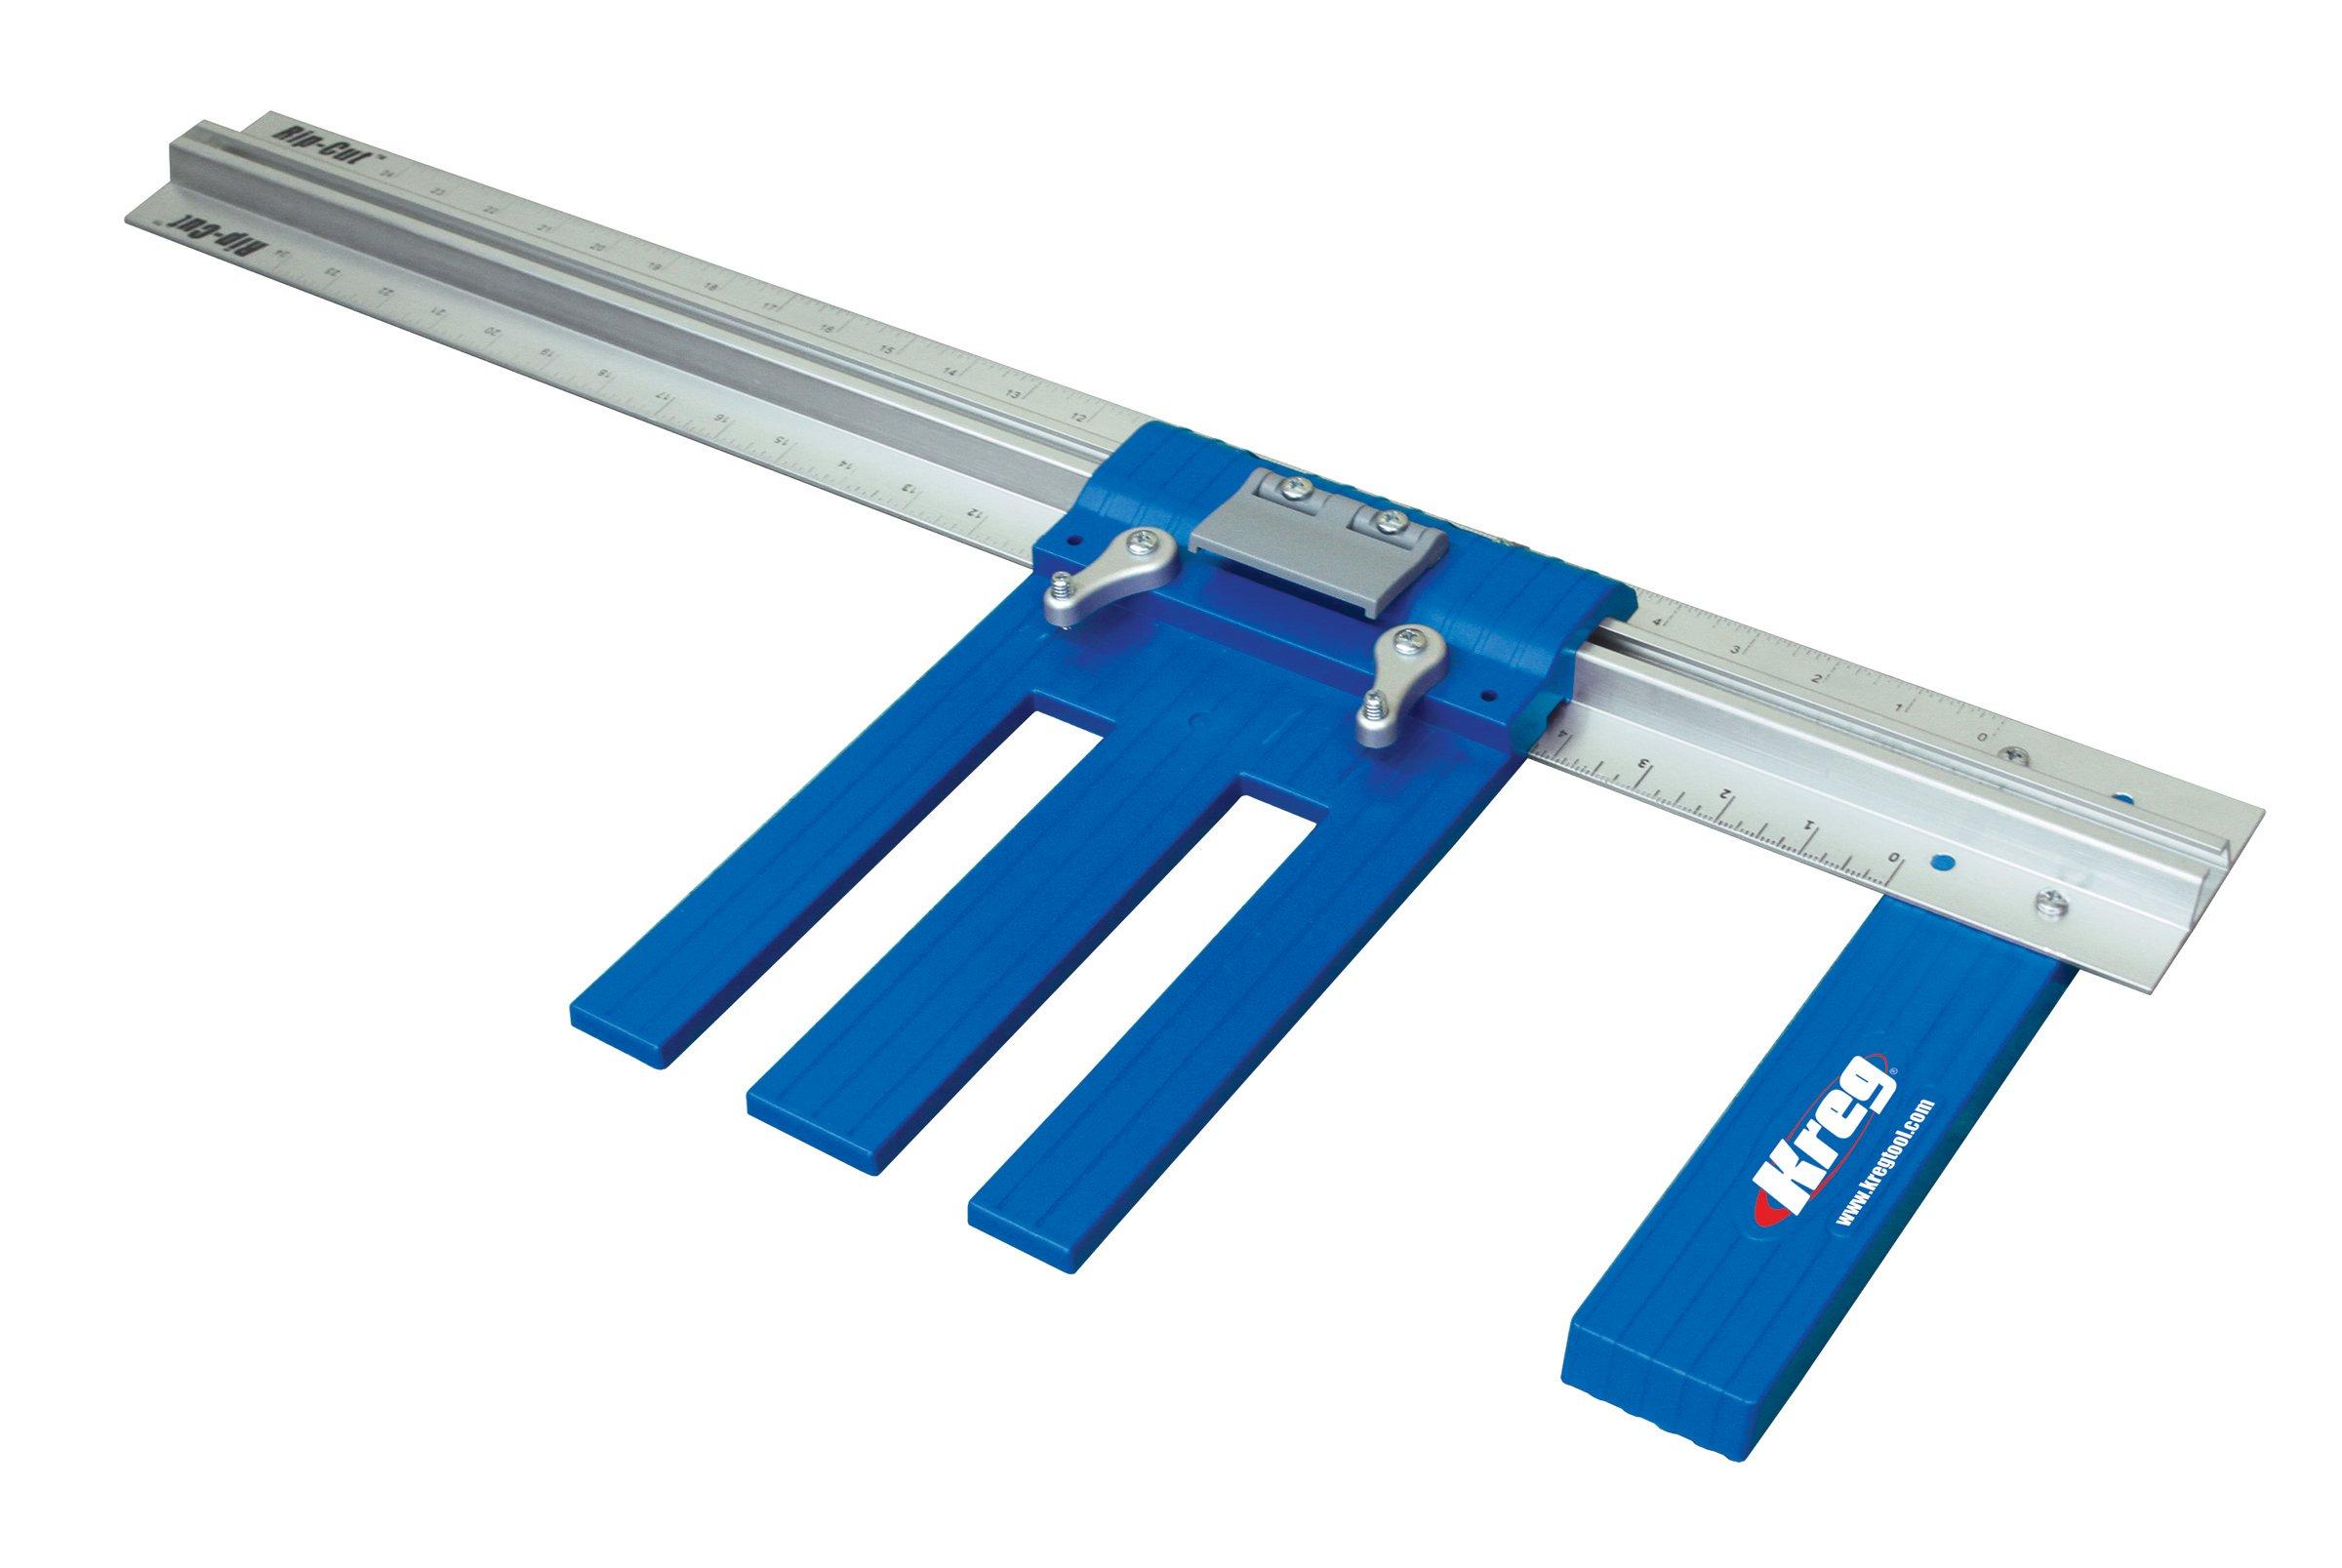 Kreg KMA2675 Rip-Cut